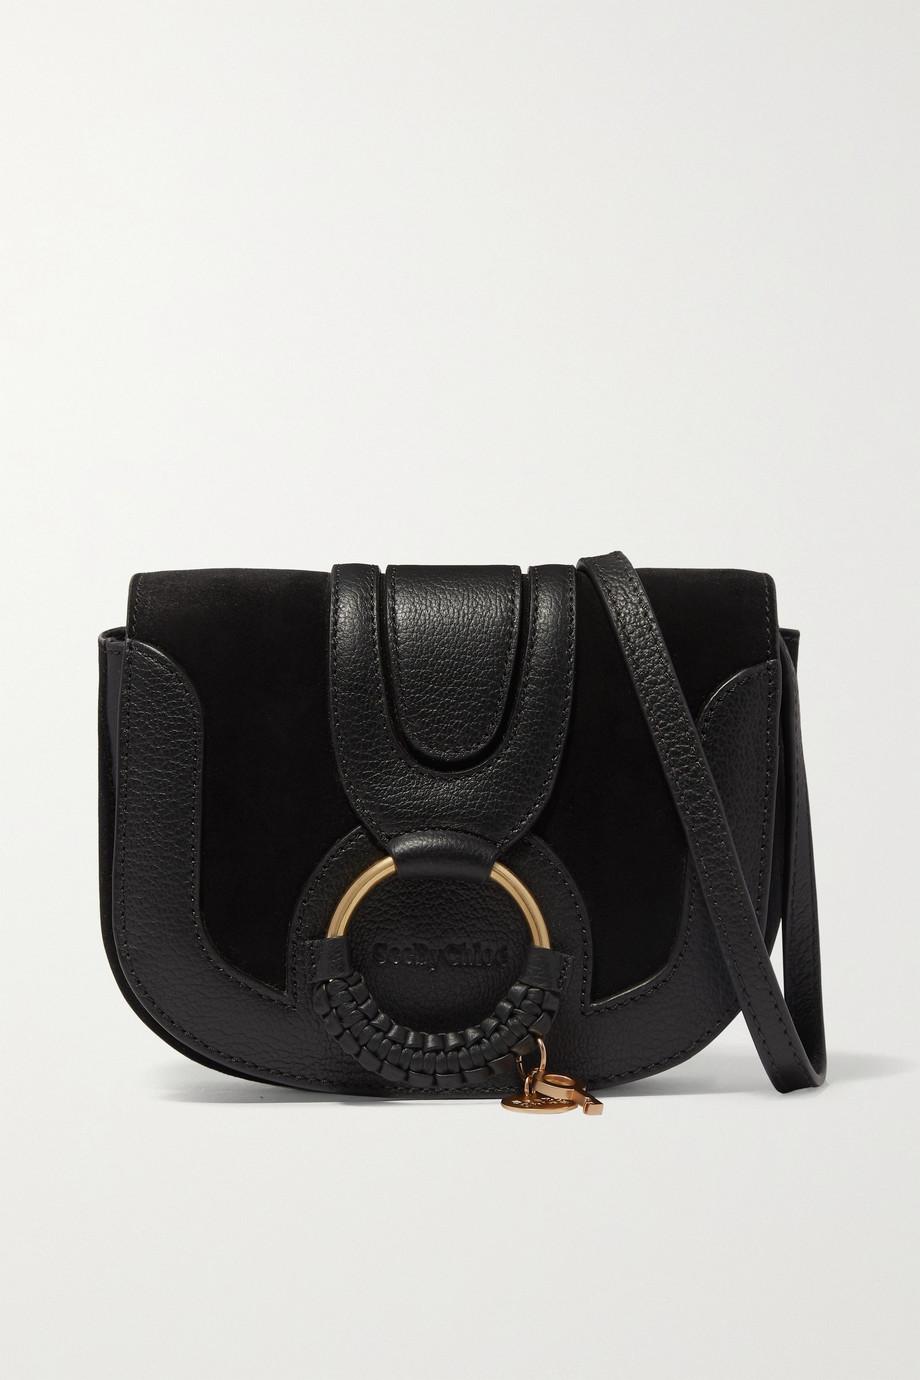 씨 바이 끌로에 하나백 - 블랙 See by Chloe Hana mini textured-leather and suede shoulder bag